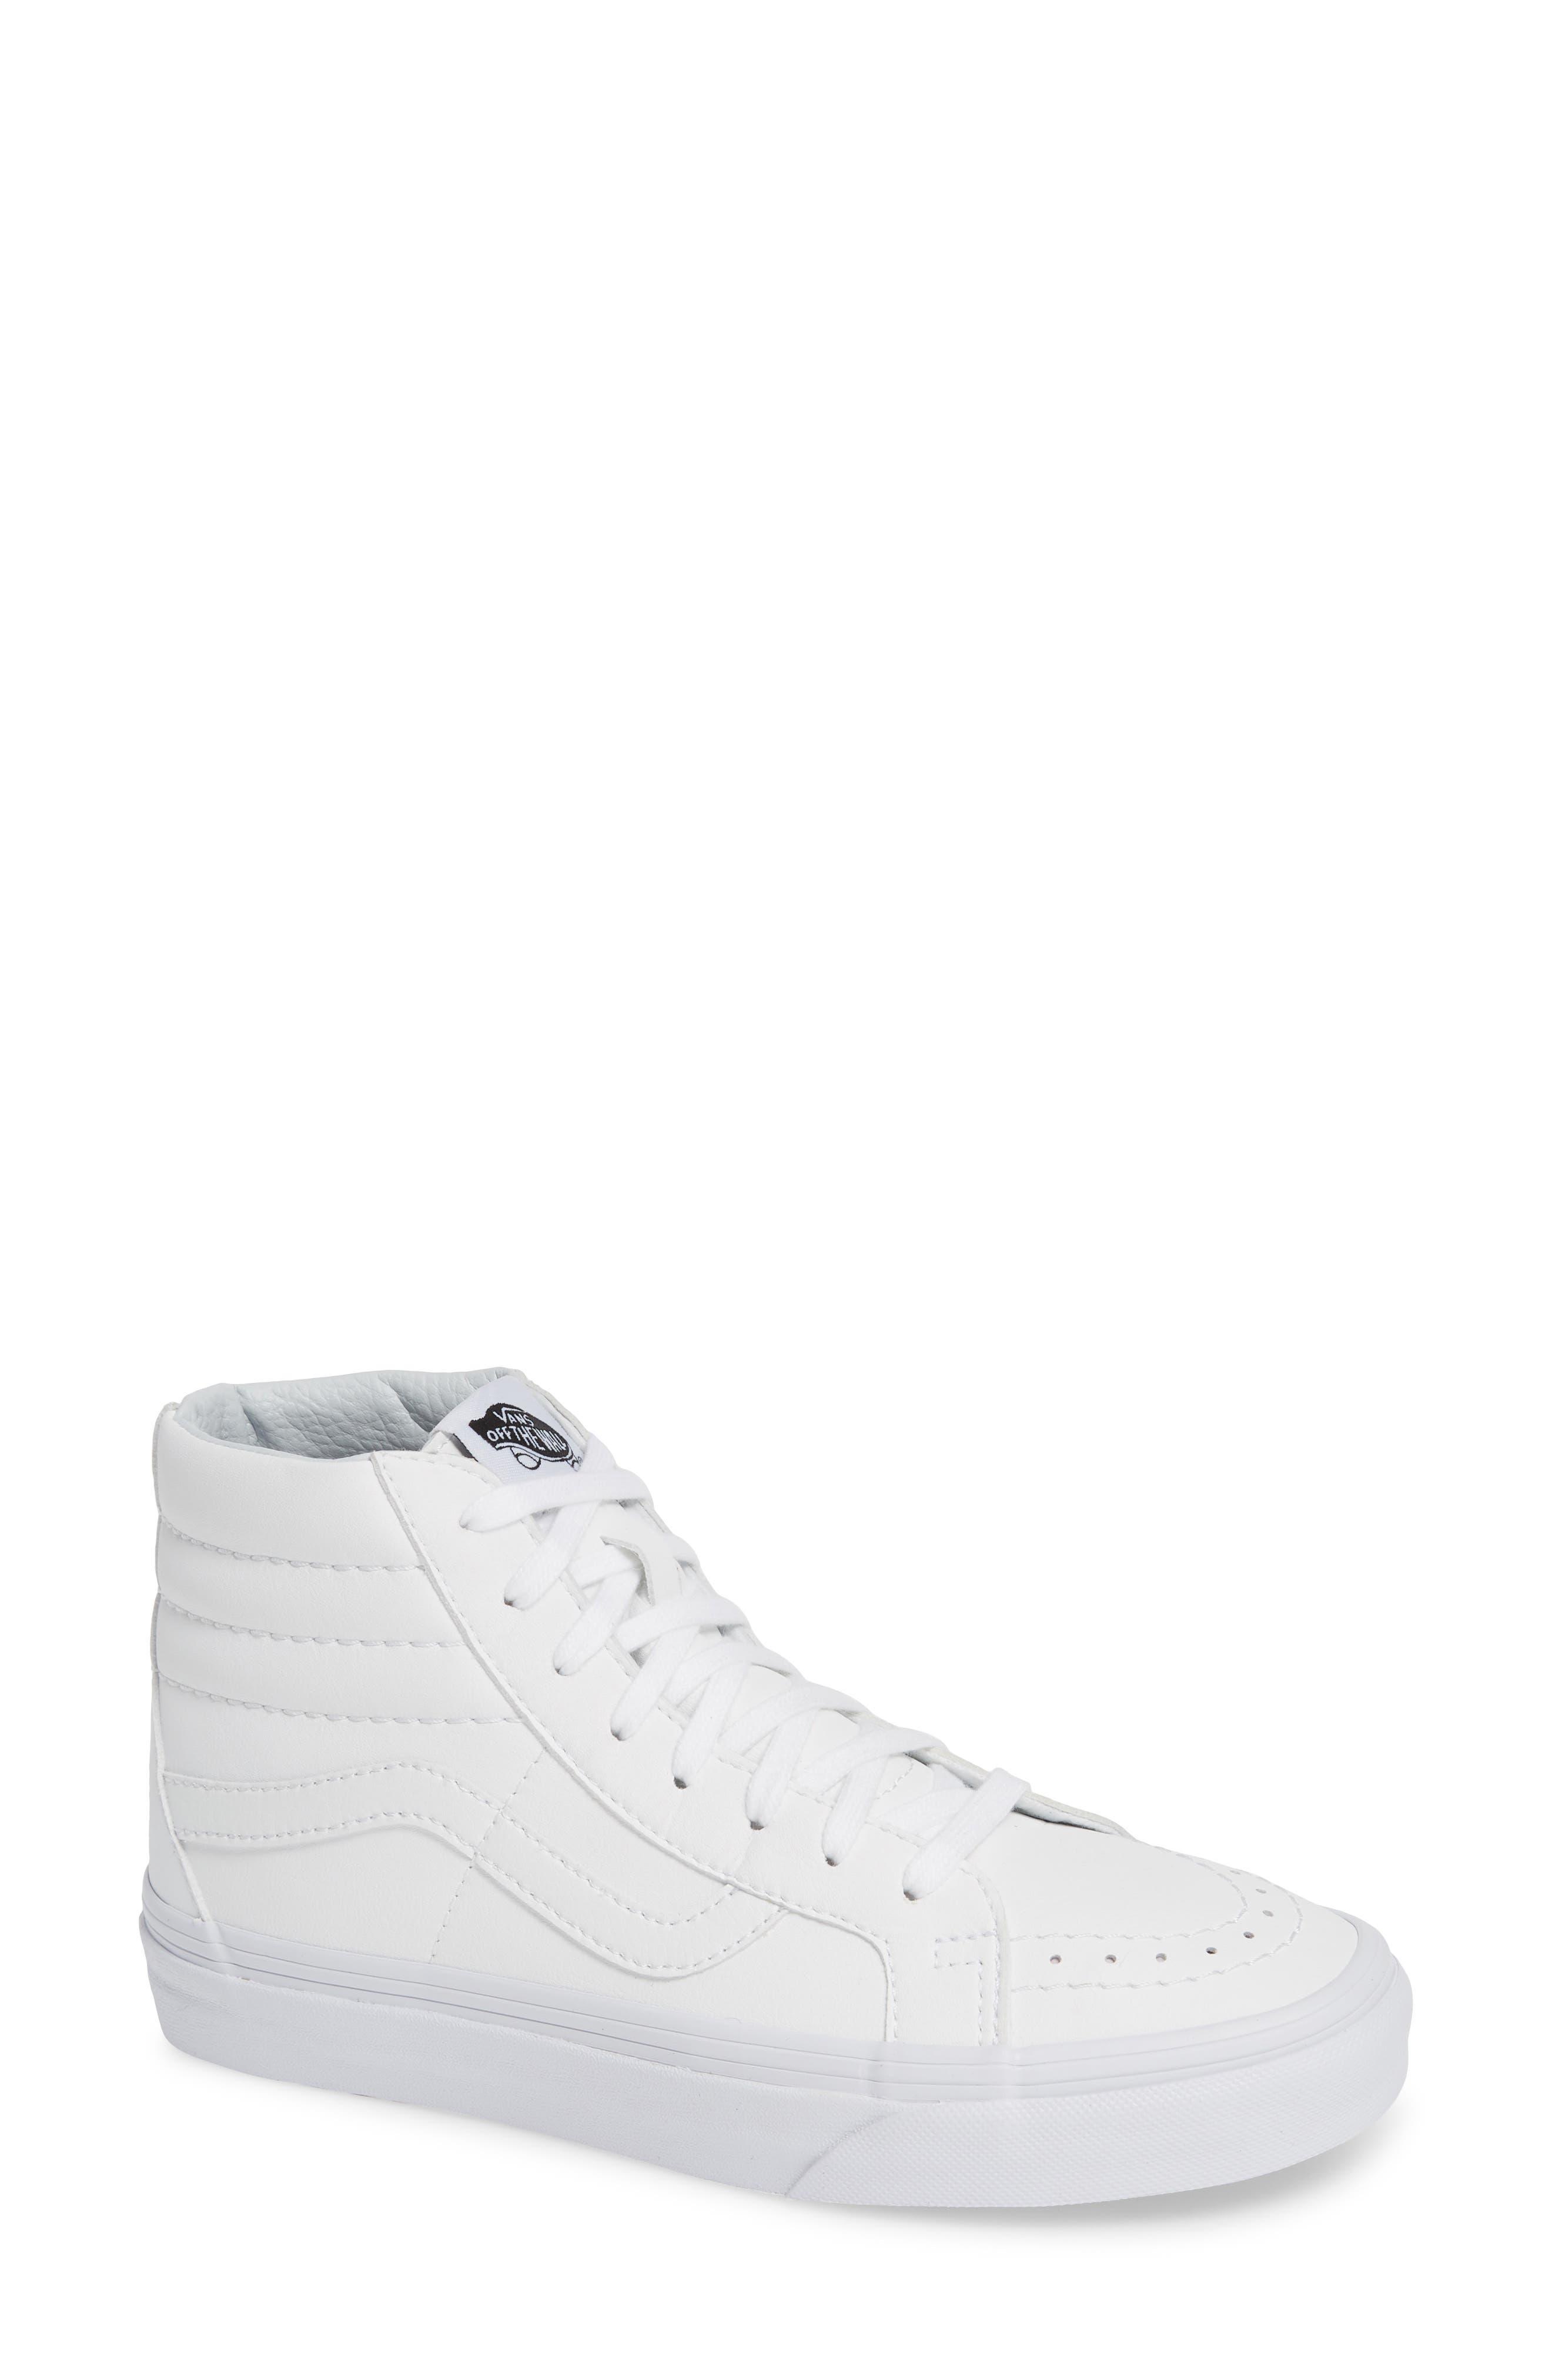 VANS 'Sk8-Hi Reissue' Sneaker, Main, color, TRUE WHITE